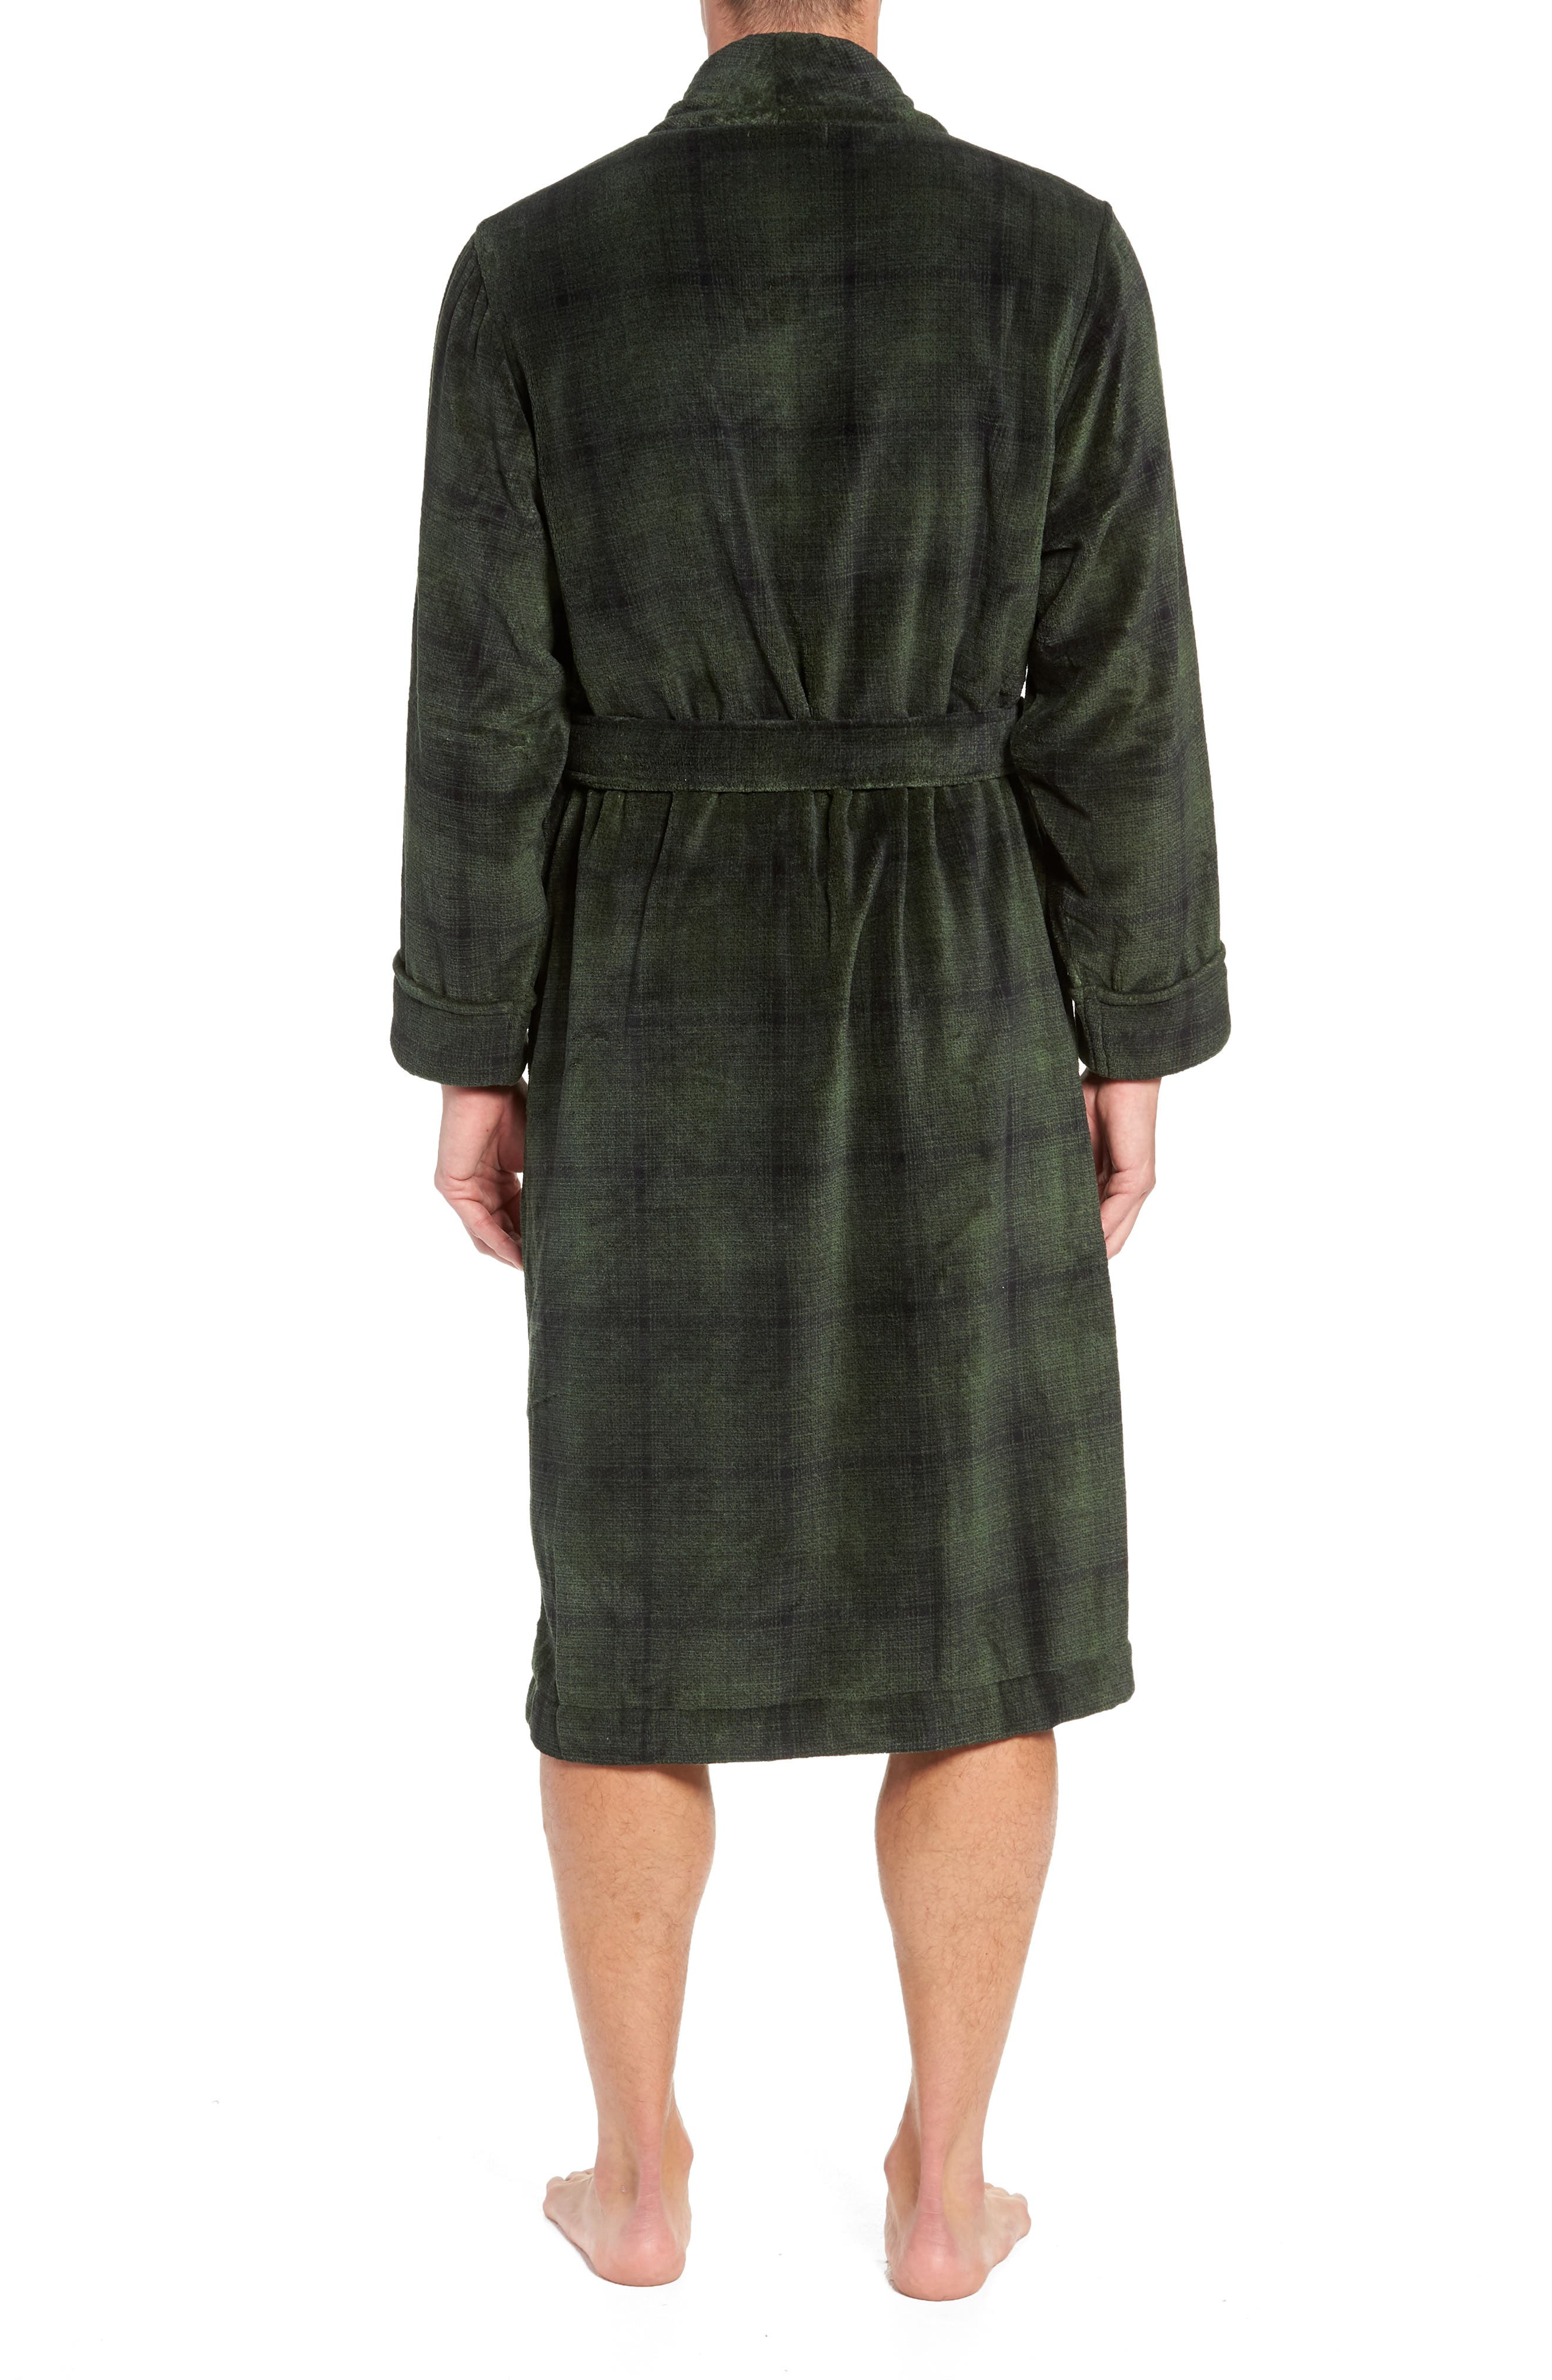 Ombré Plaid Fleece Robe,                             Alternate thumbnail 2, color,                             GREEN - BLACK OMBRE PLAID